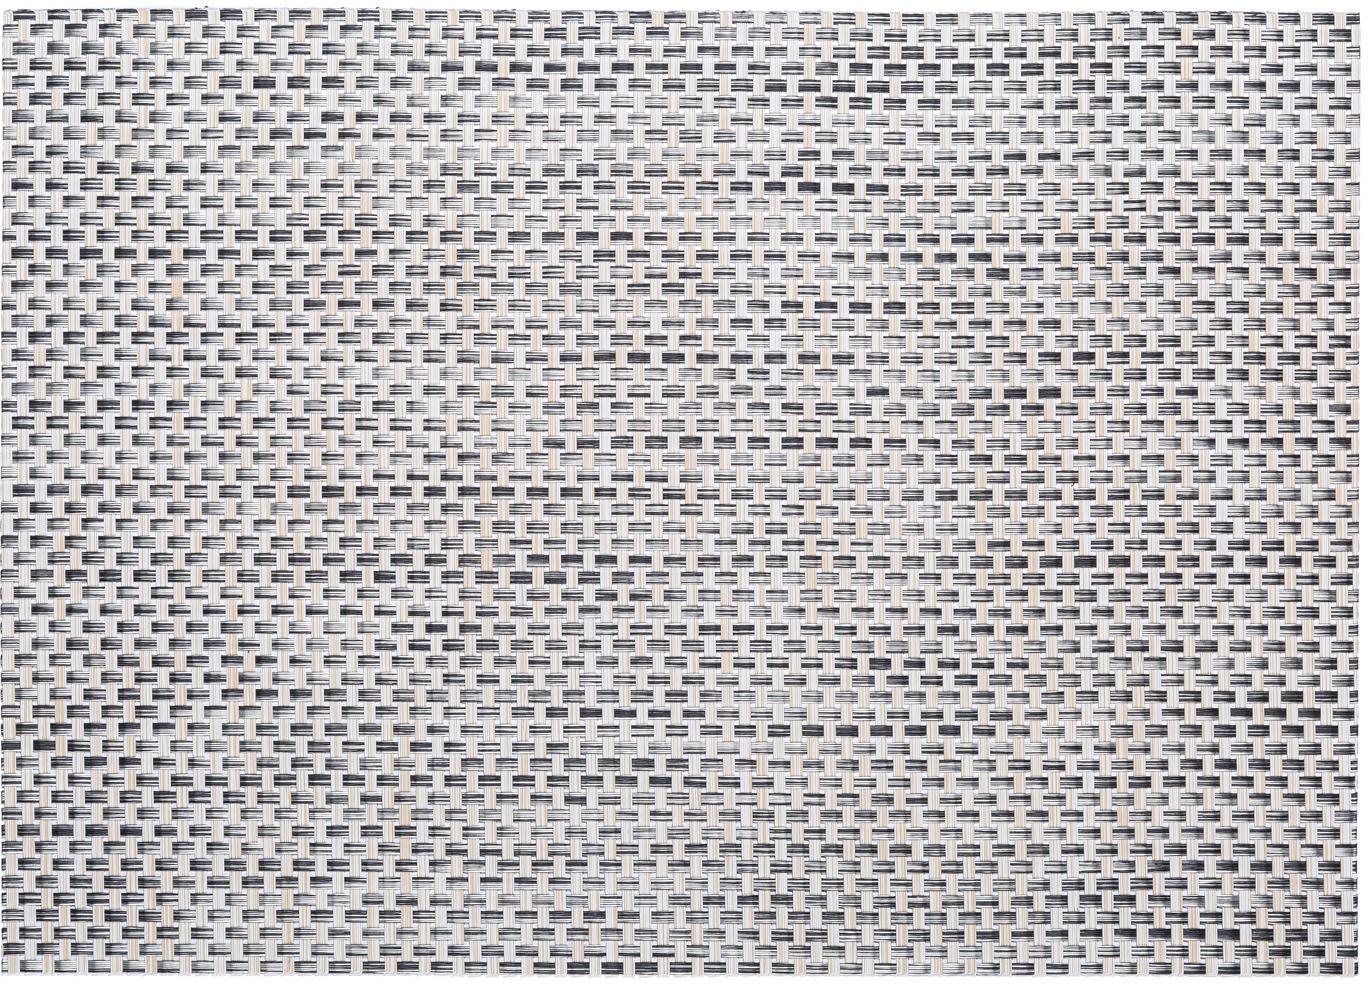 Kunststoff-Tischsets Modern, 2 Stück, Kunststoff, Beige, Hellgrau, 33 x 46 cm